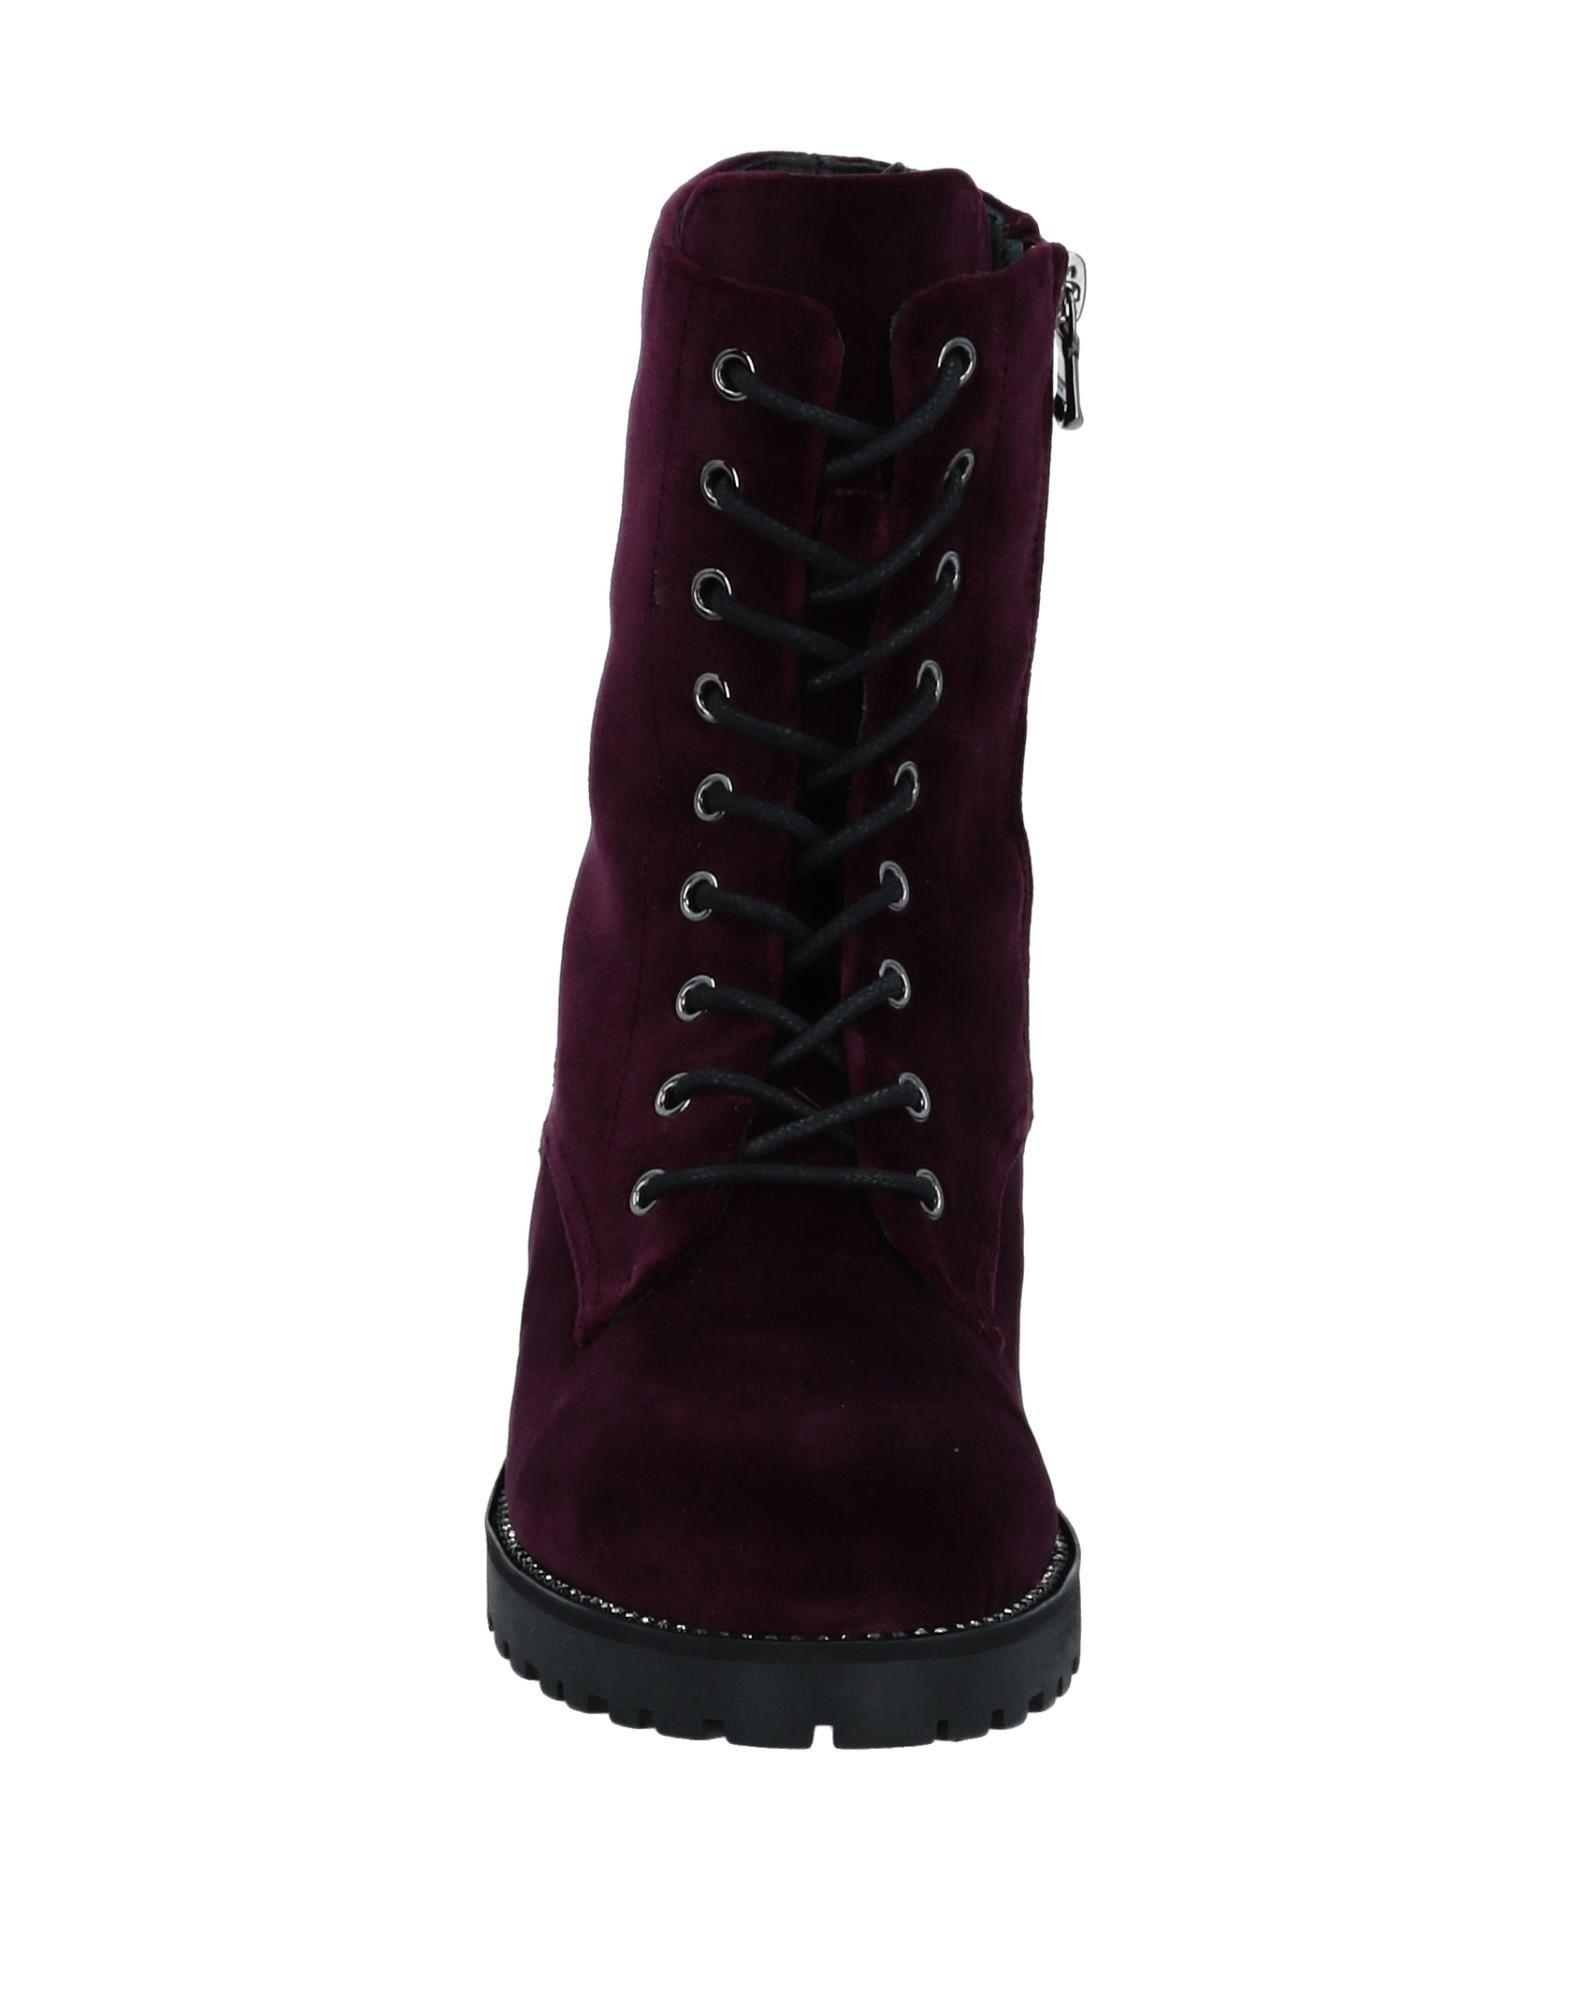 Patrizia Pepe Ankle Boot - Women Patrizia Patrizia Patrizia Pepe Ankle Boots online on  United Kingdom - 11523174PL 5bb682